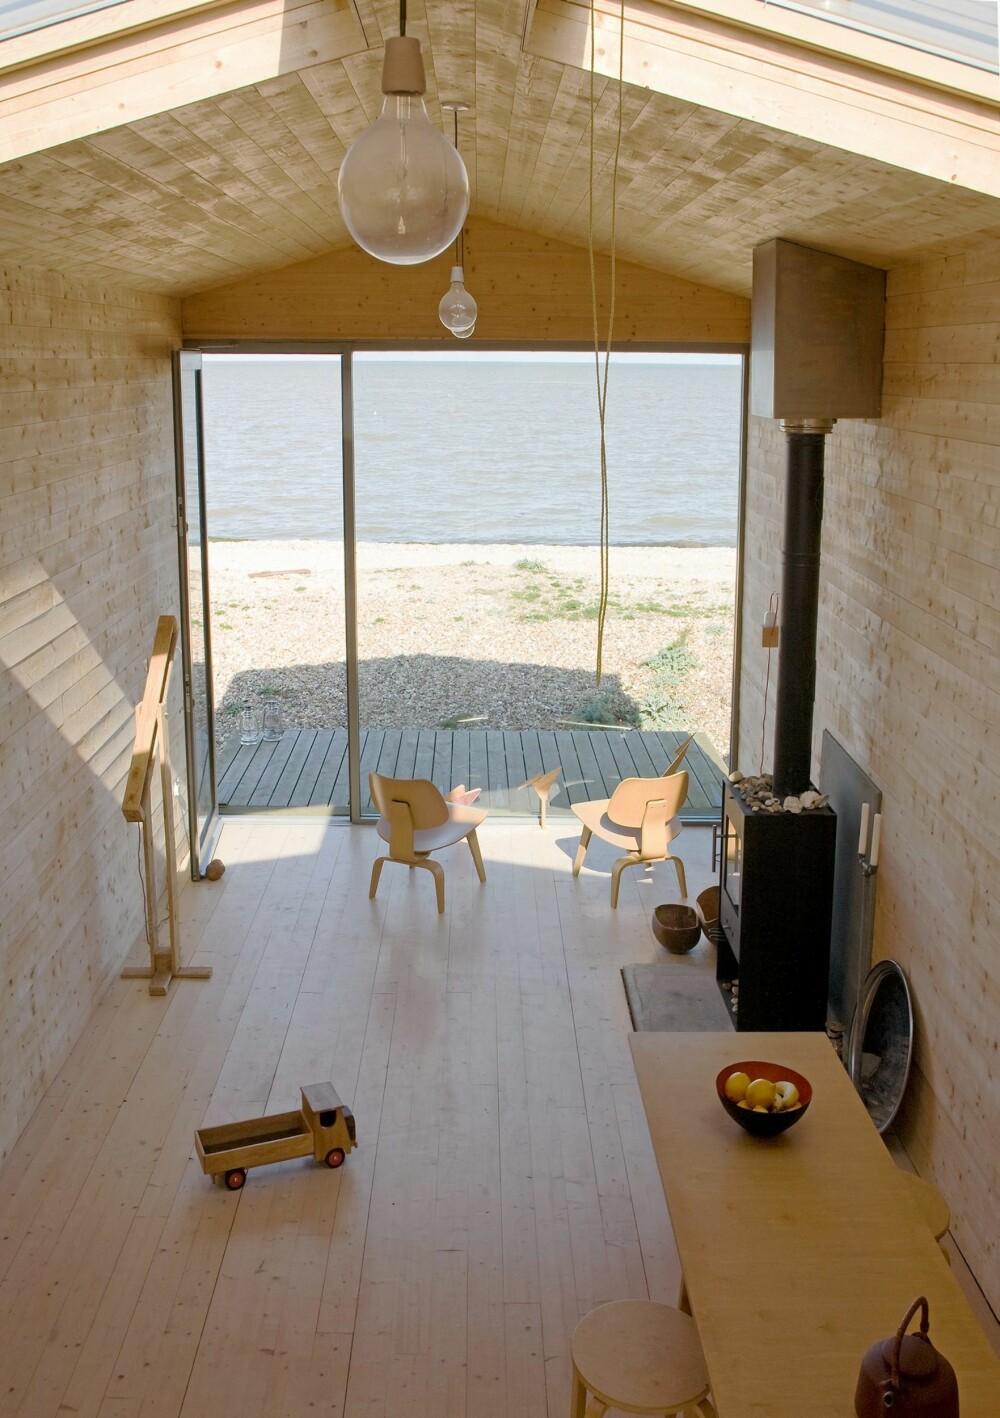 PANORAMAUTSIKT: Gjennom glassveggen i den ene enden av hytta kan  hytteeierne nyte en fantastisk panoramautsikt over sjøen.